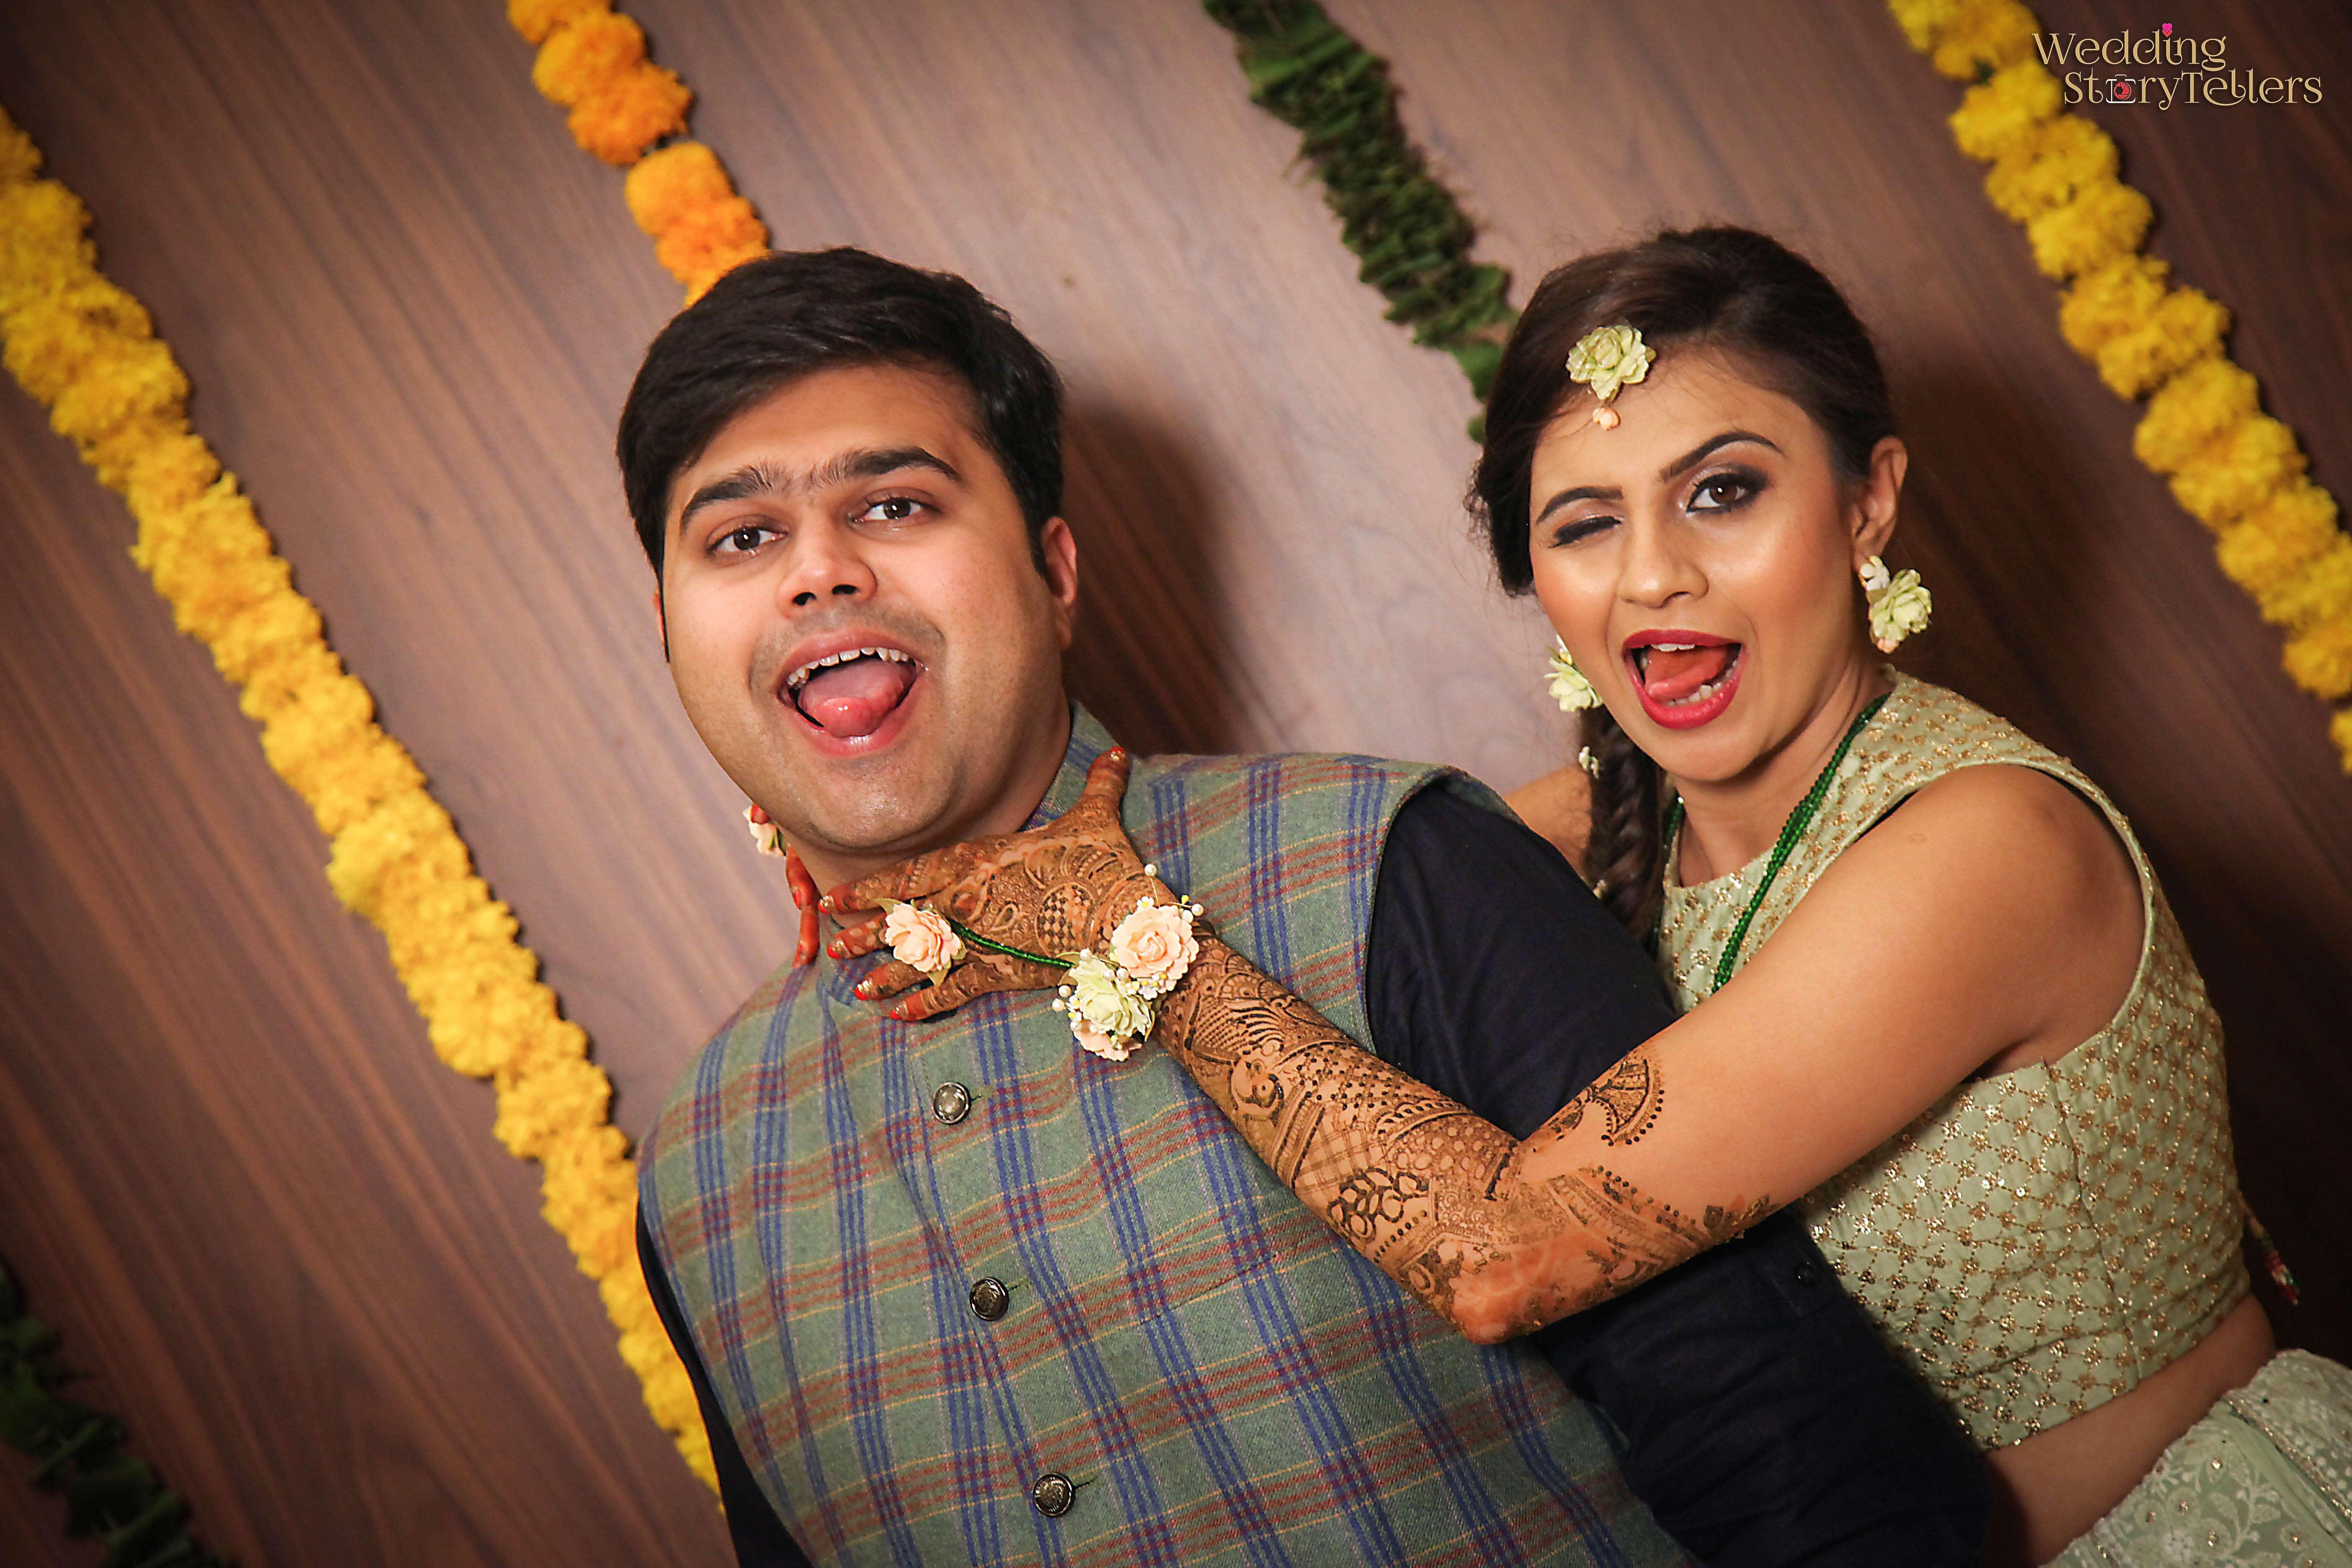 Portfolio - Wedding Storytellers